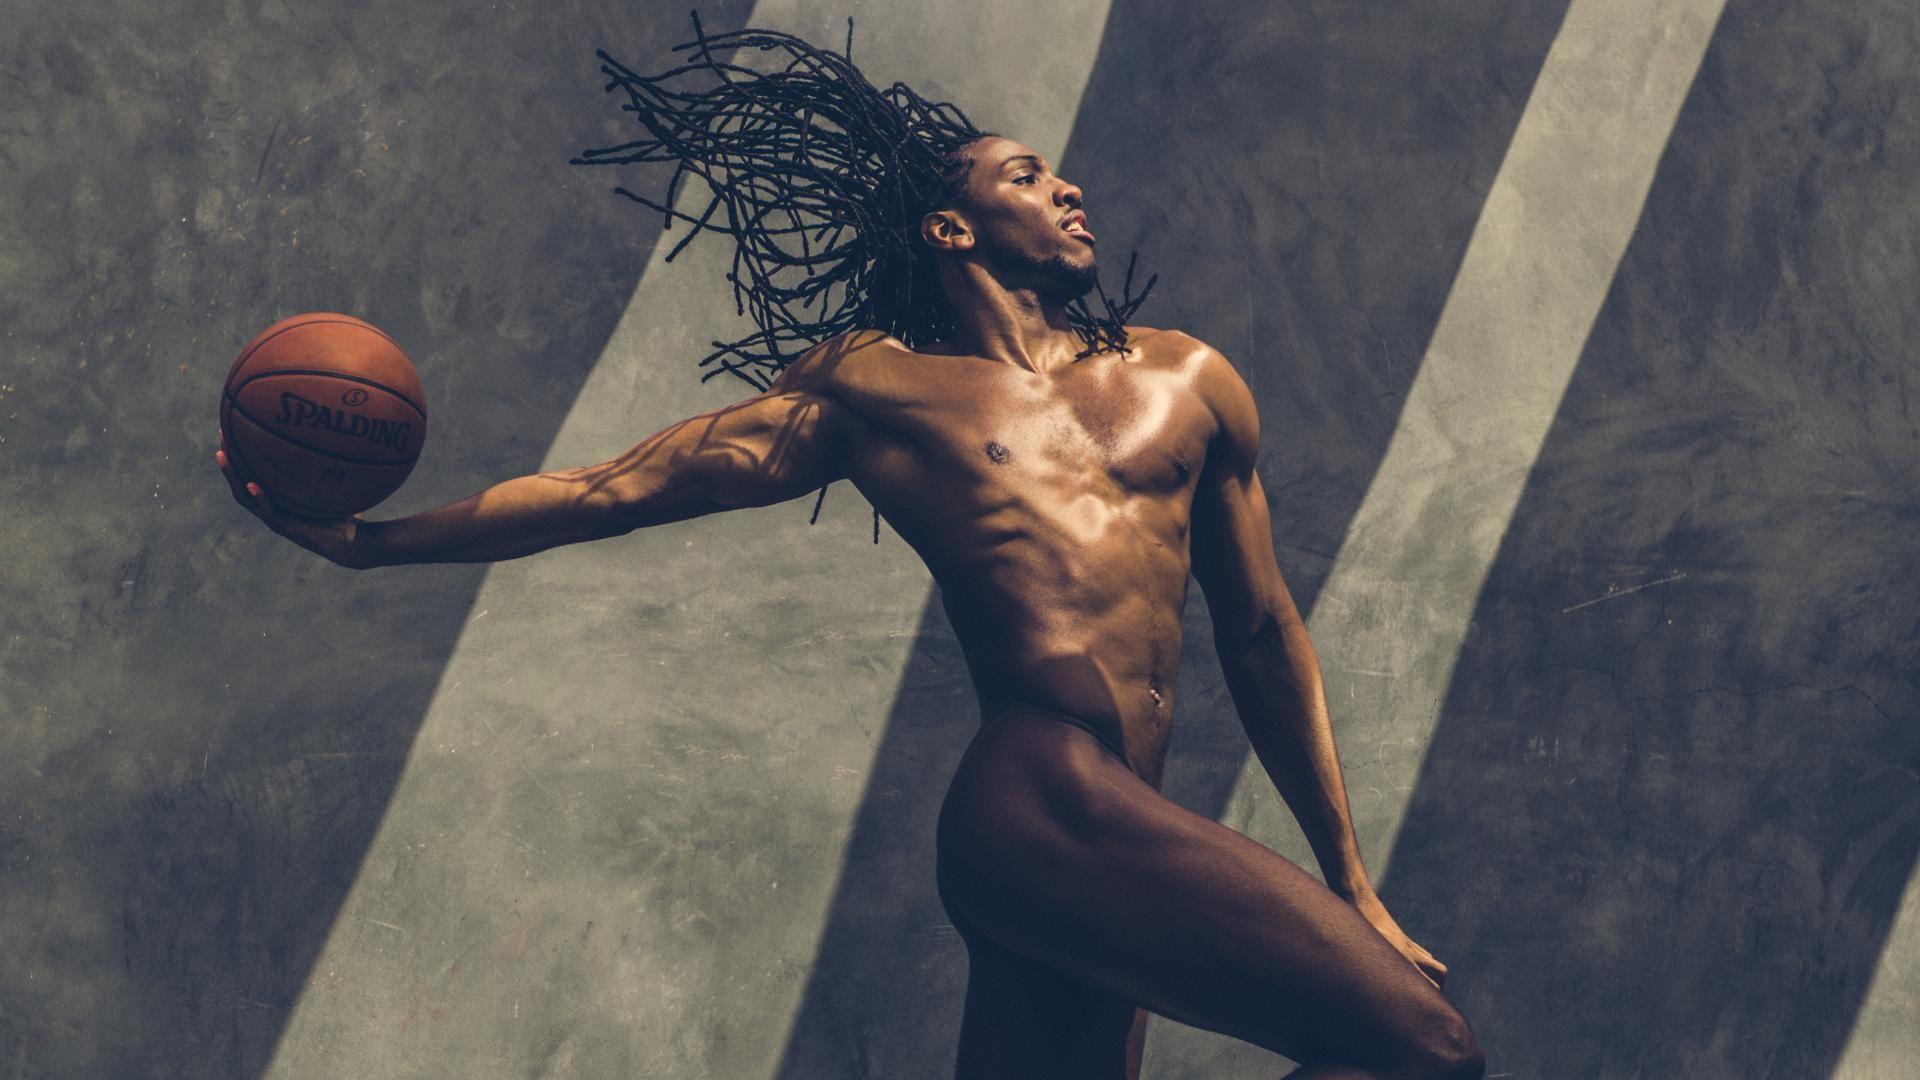 ESPN The Mag Body Issue 2013: Kenneth Faried